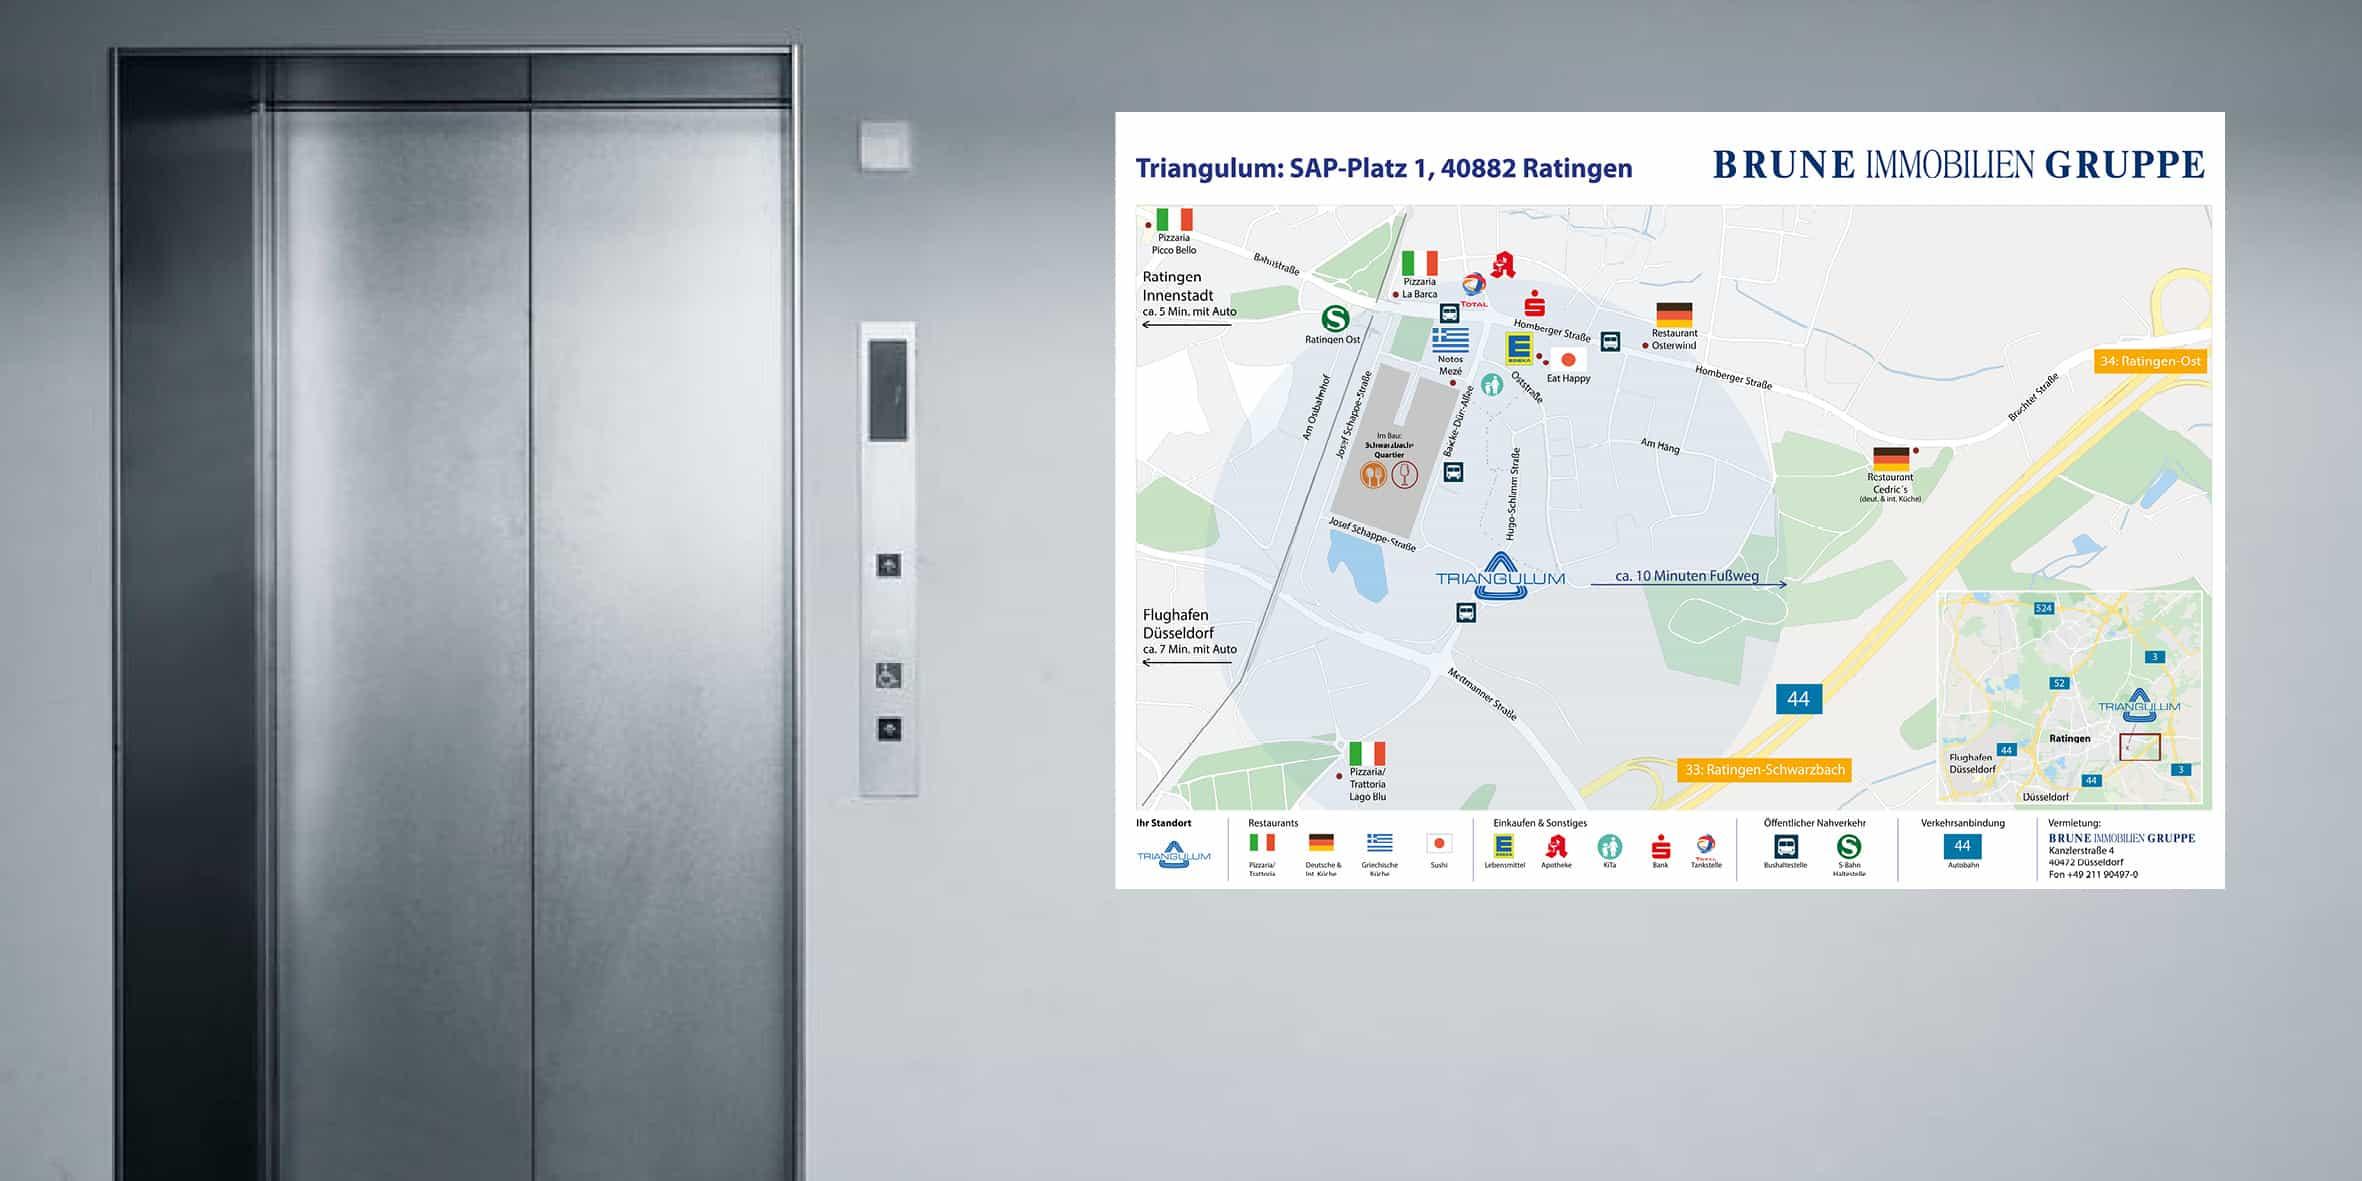 Umgebungsplan Büroimmobilien Werbeagentur Kommercial Immobilienwerbung aus Düsseldorf